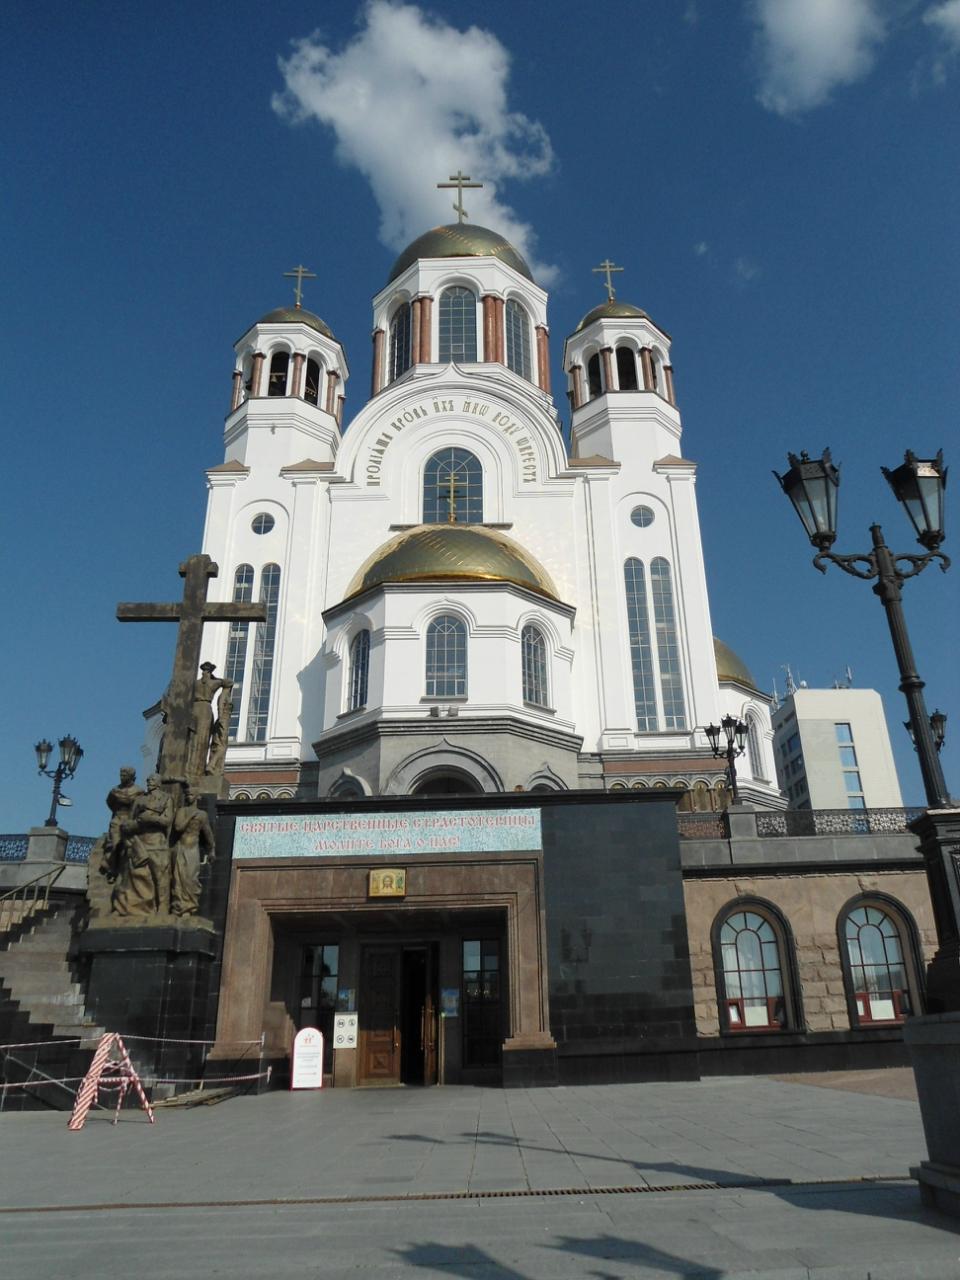 Мемориальный комплекс с крестом Макушино Лампадка из габбро-диабаза Новокубанск